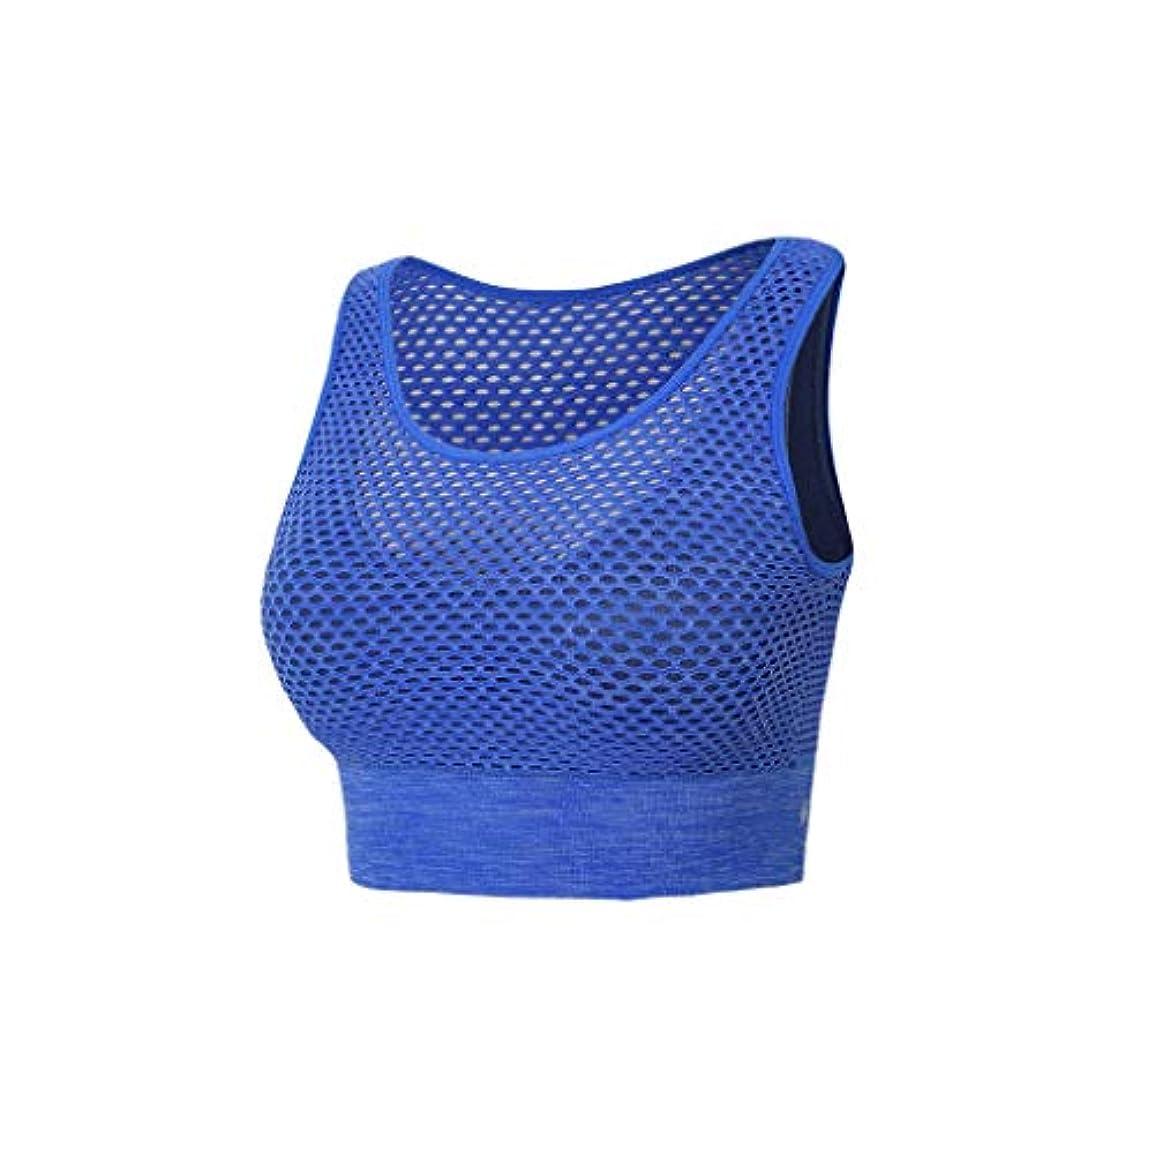 ぼろセージビール快適な 非スチールリングスポーツの下着女性のヨガのベストスタイルダブルメッシュブラフィットネスブラを収集します (Color : Blue, Size : S)